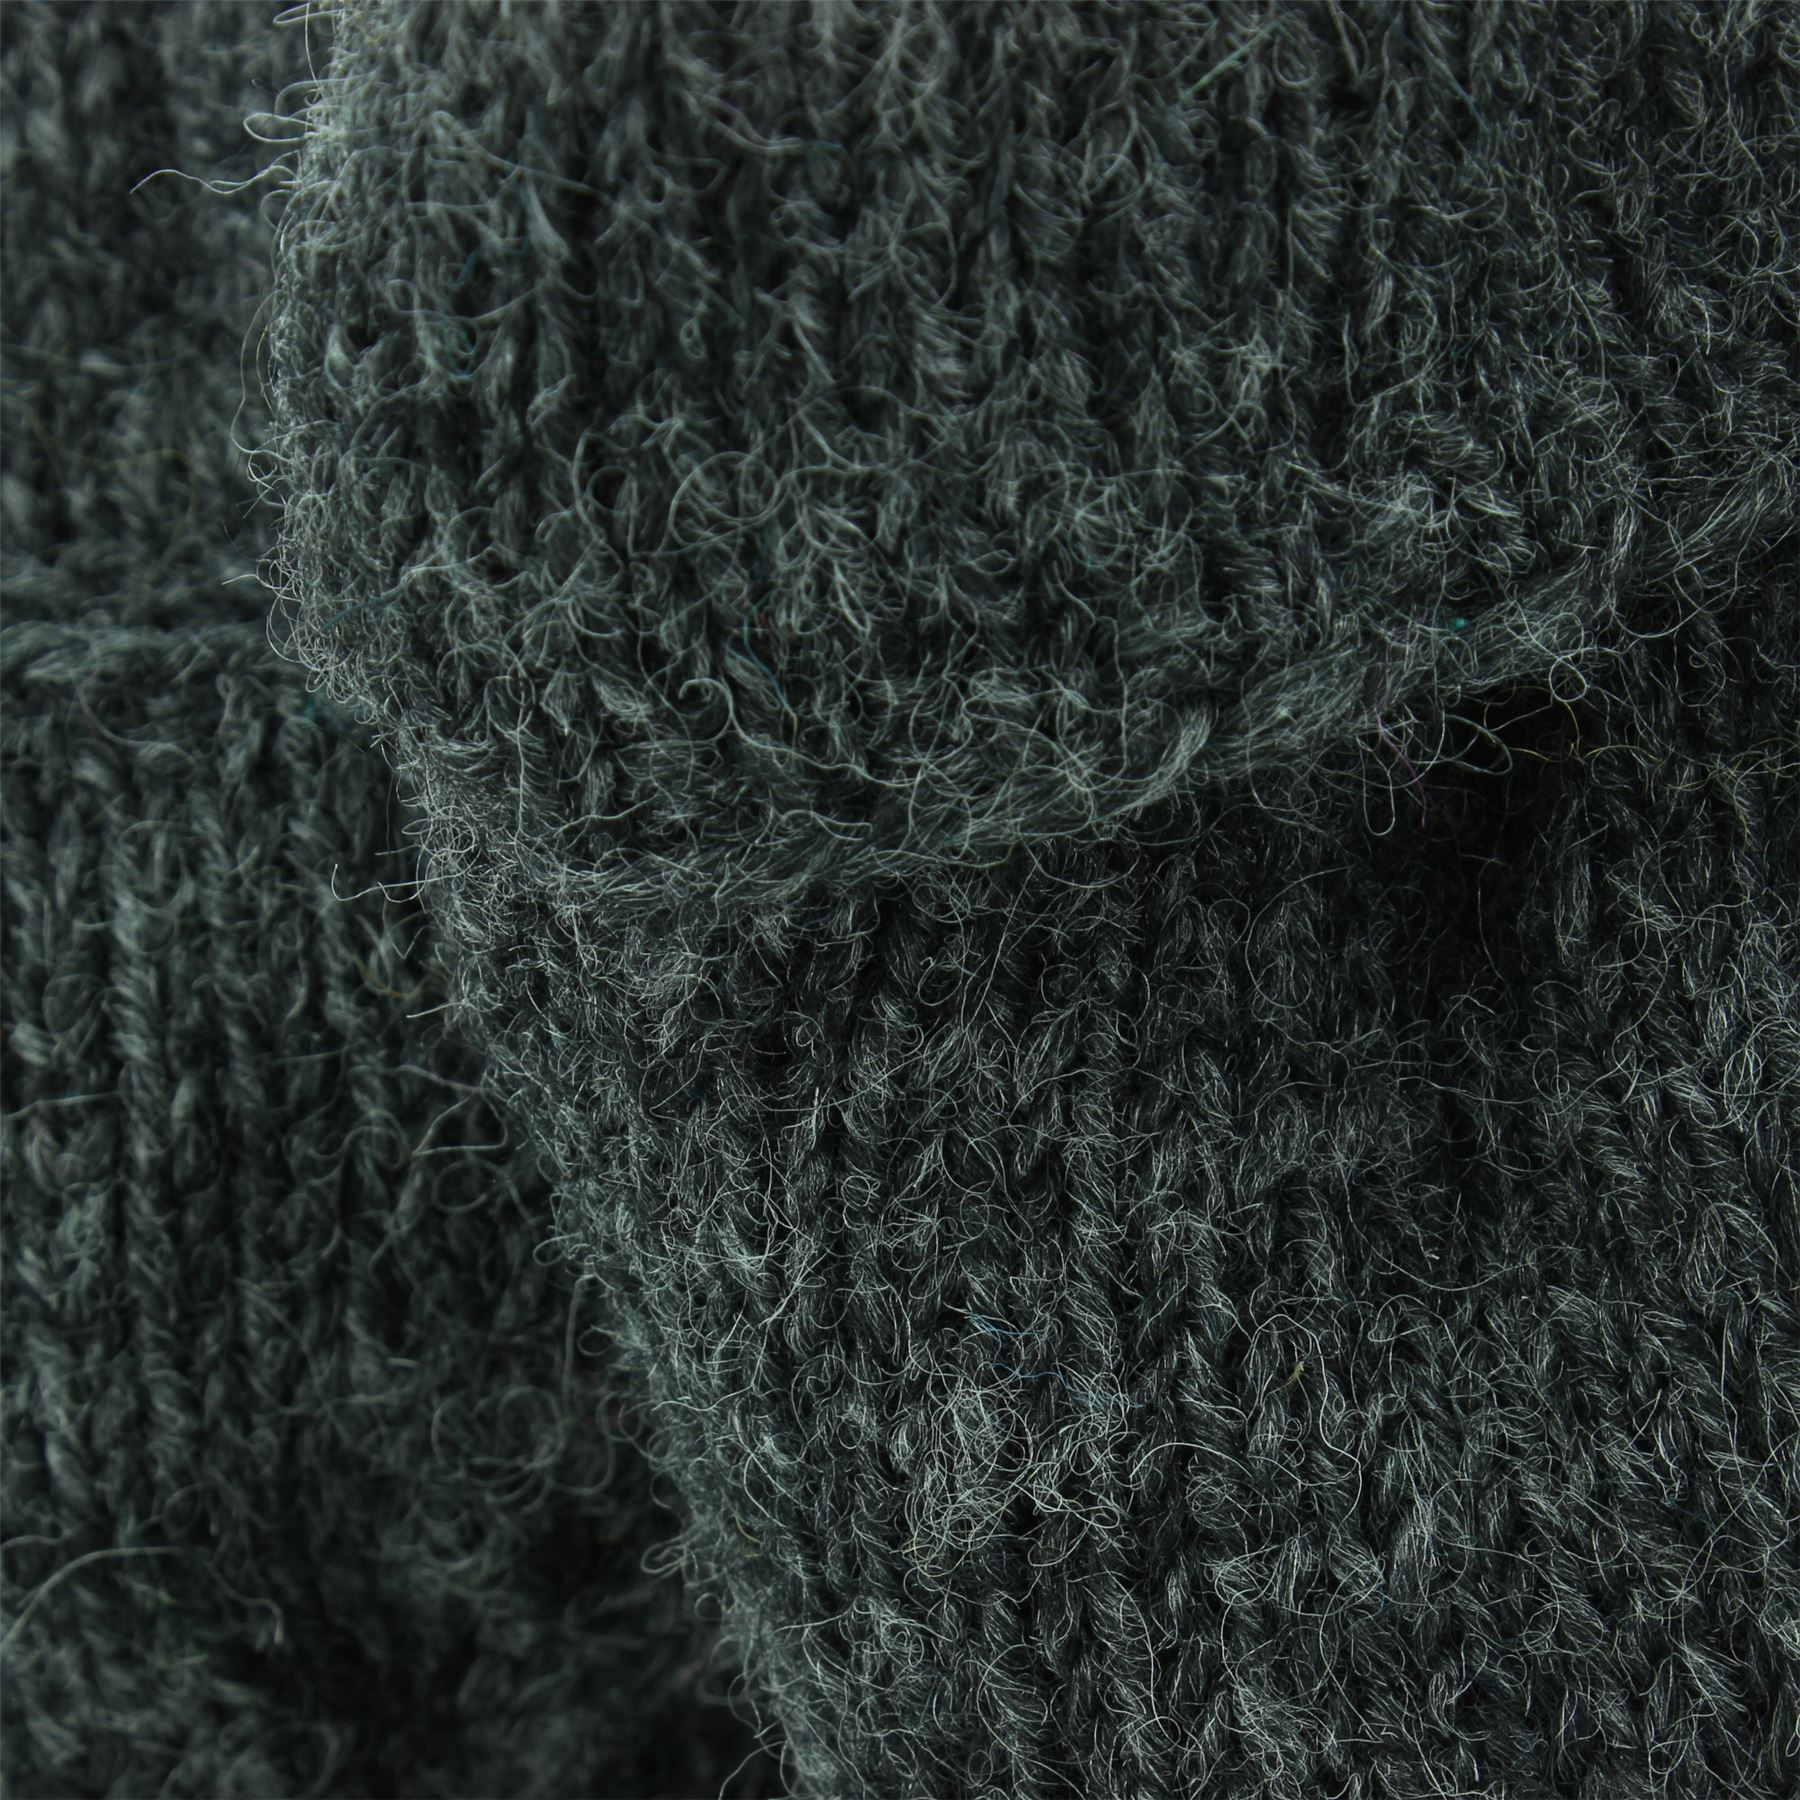 Wool-Gloves-Mittens-Fingerless-Shooter-Lined-PLAIN-Knit-Handmade-LoudElephant miniatura 5